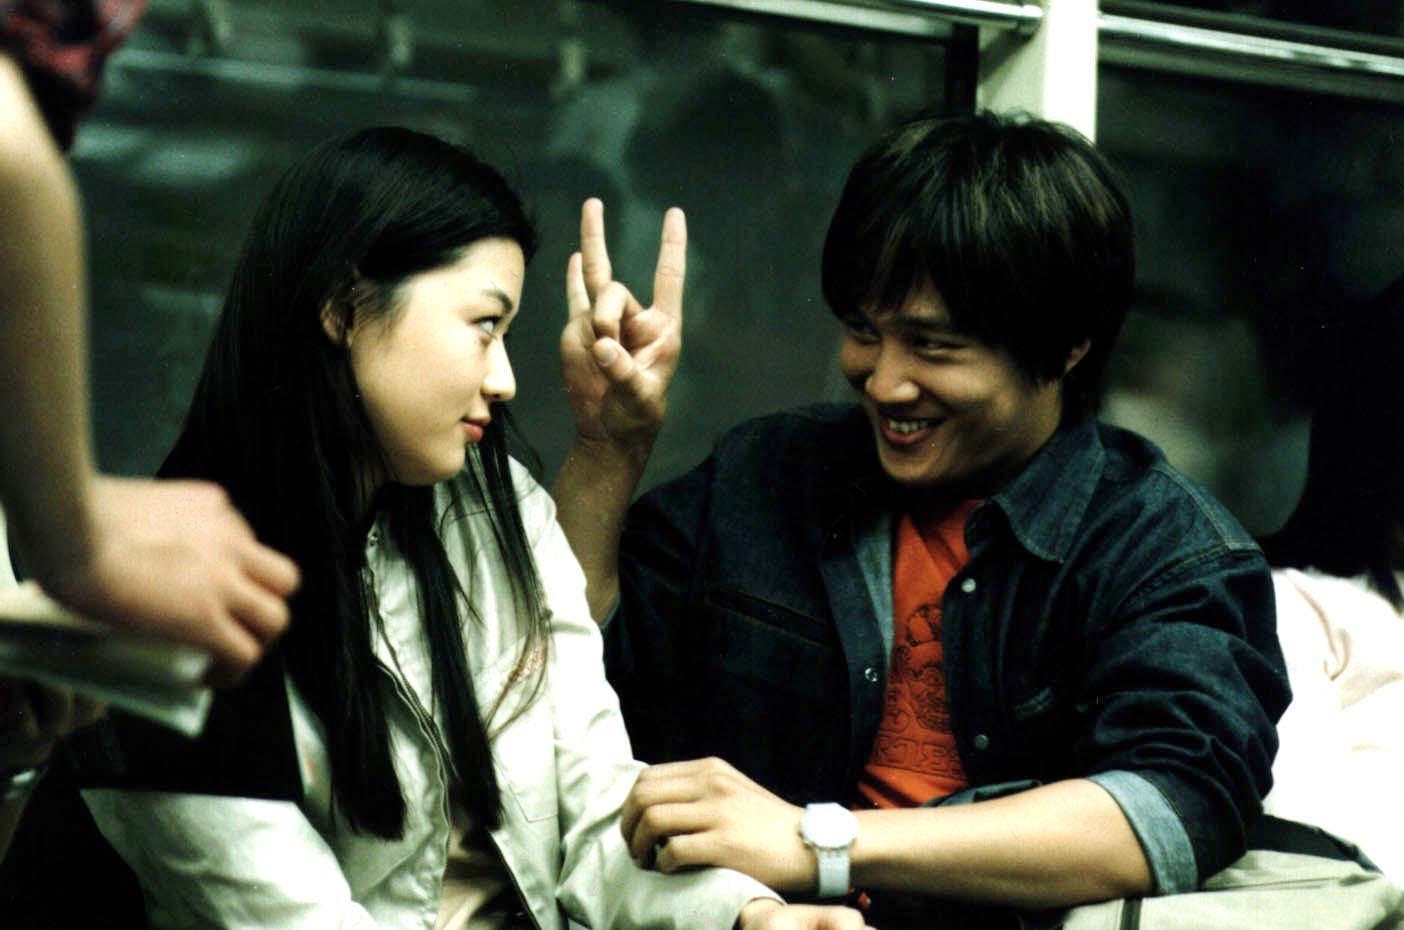 korea movies reaction paper movie1 arirang movie2 tae guk Analysis of romeo and juliet, act 3 scene 1, 'the turning point' korea movies reaction paper - movie1: arirang movie2: tae guk gi.